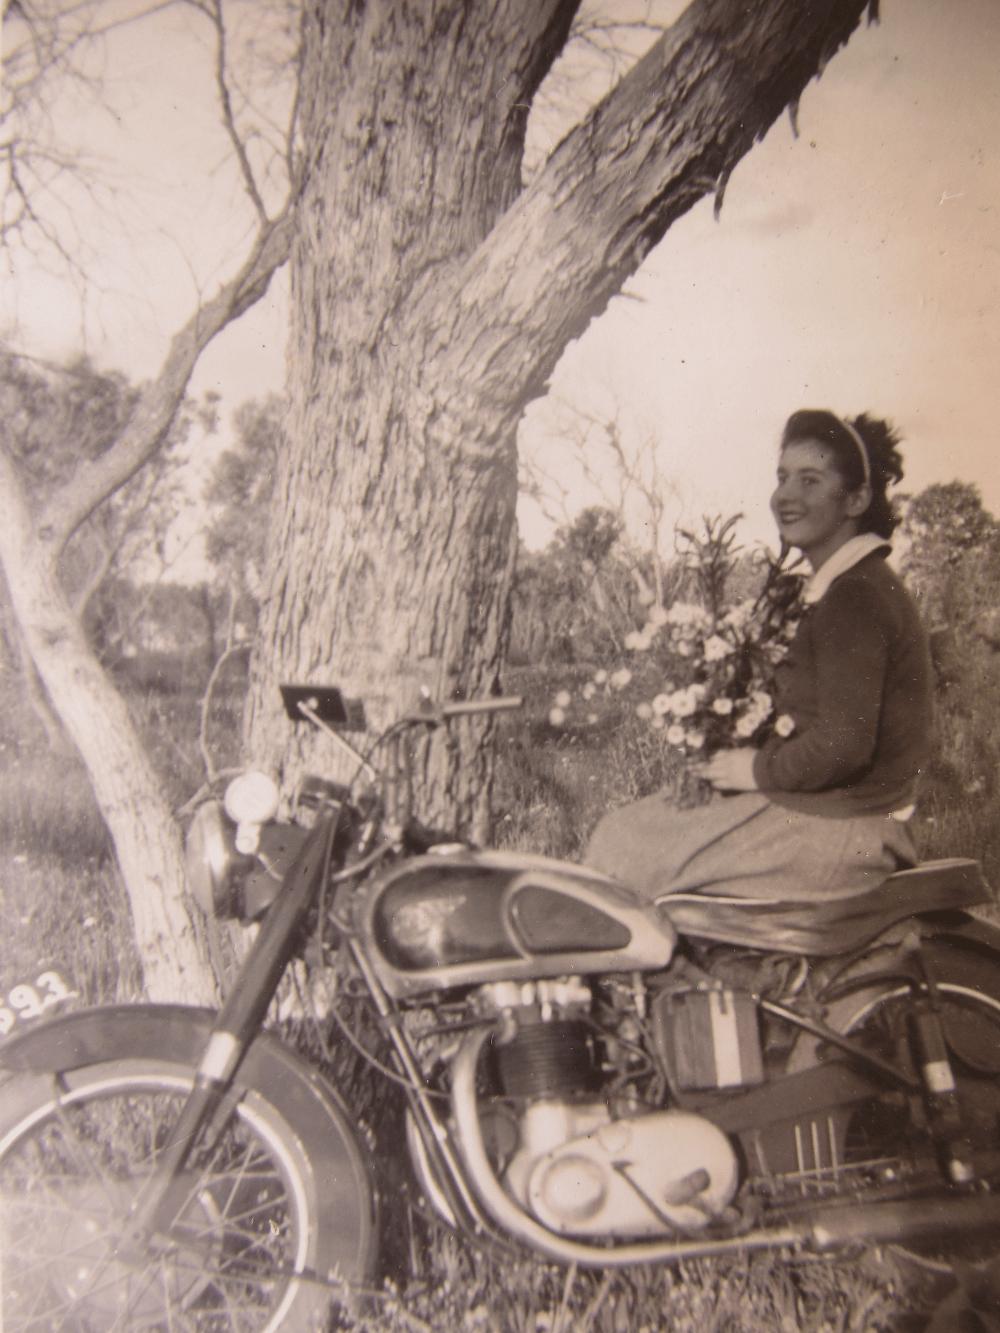 Janne on Bill's motorbike